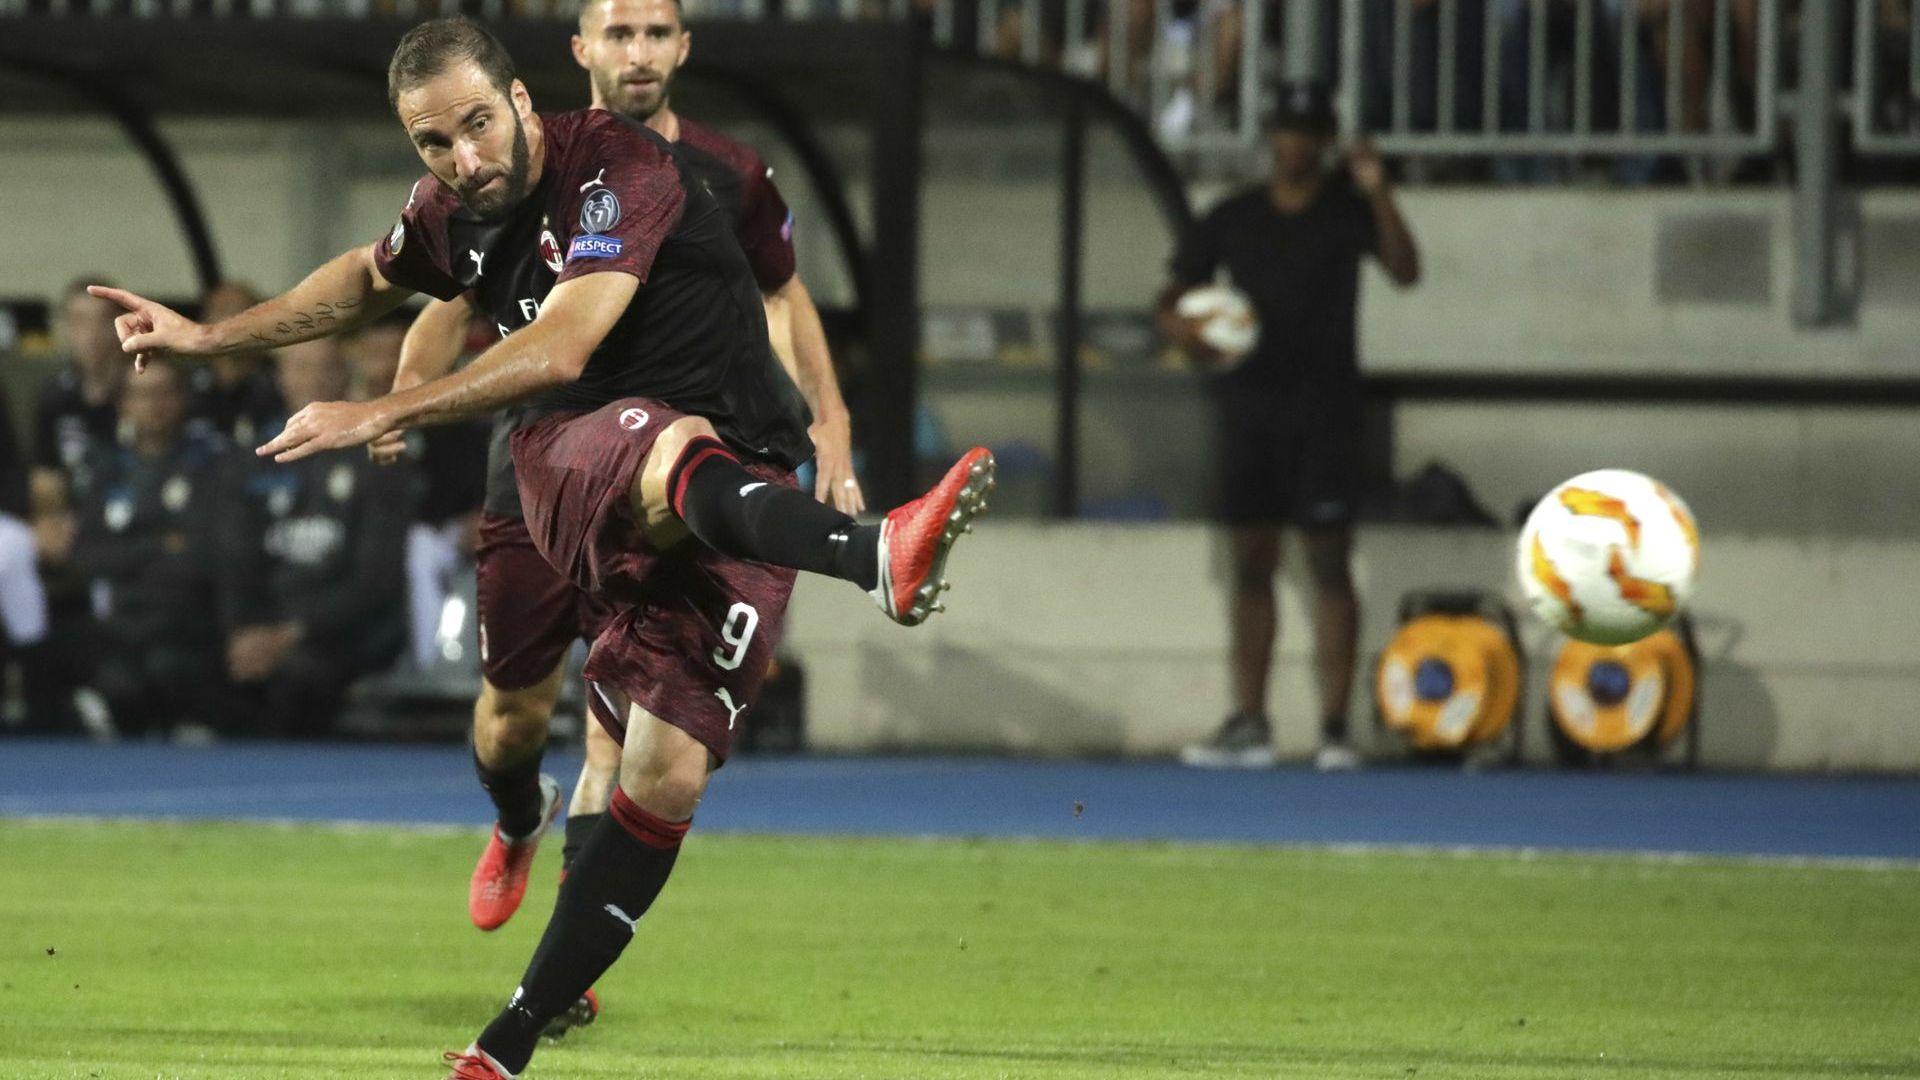 Българин игра 6 минути за загуба от Милан (резултати в Лига Европа)